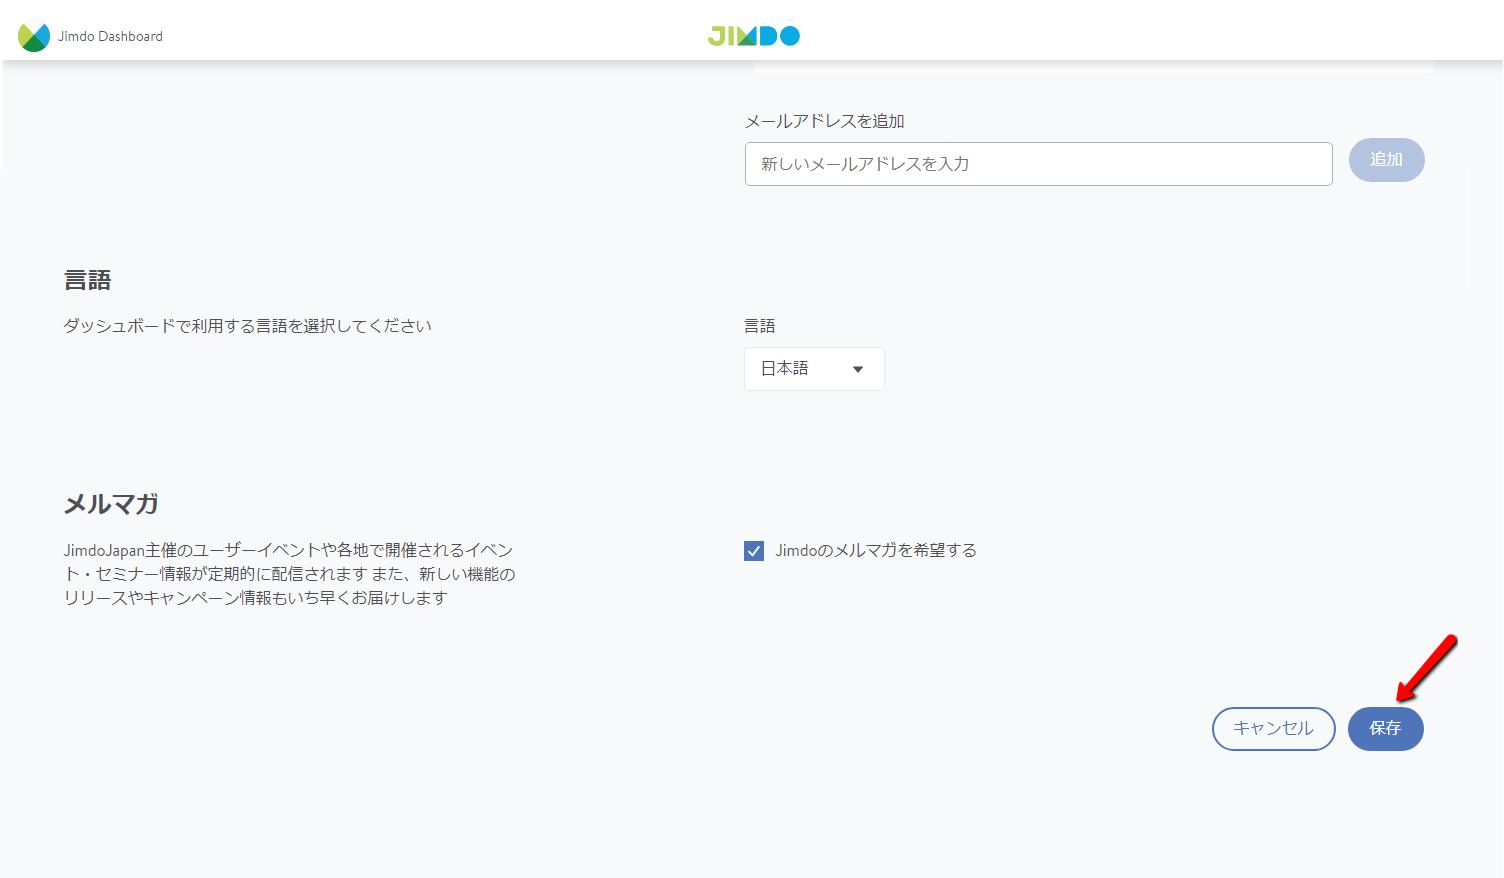 4.プロフィール画面の右下にある「保存」をクリック